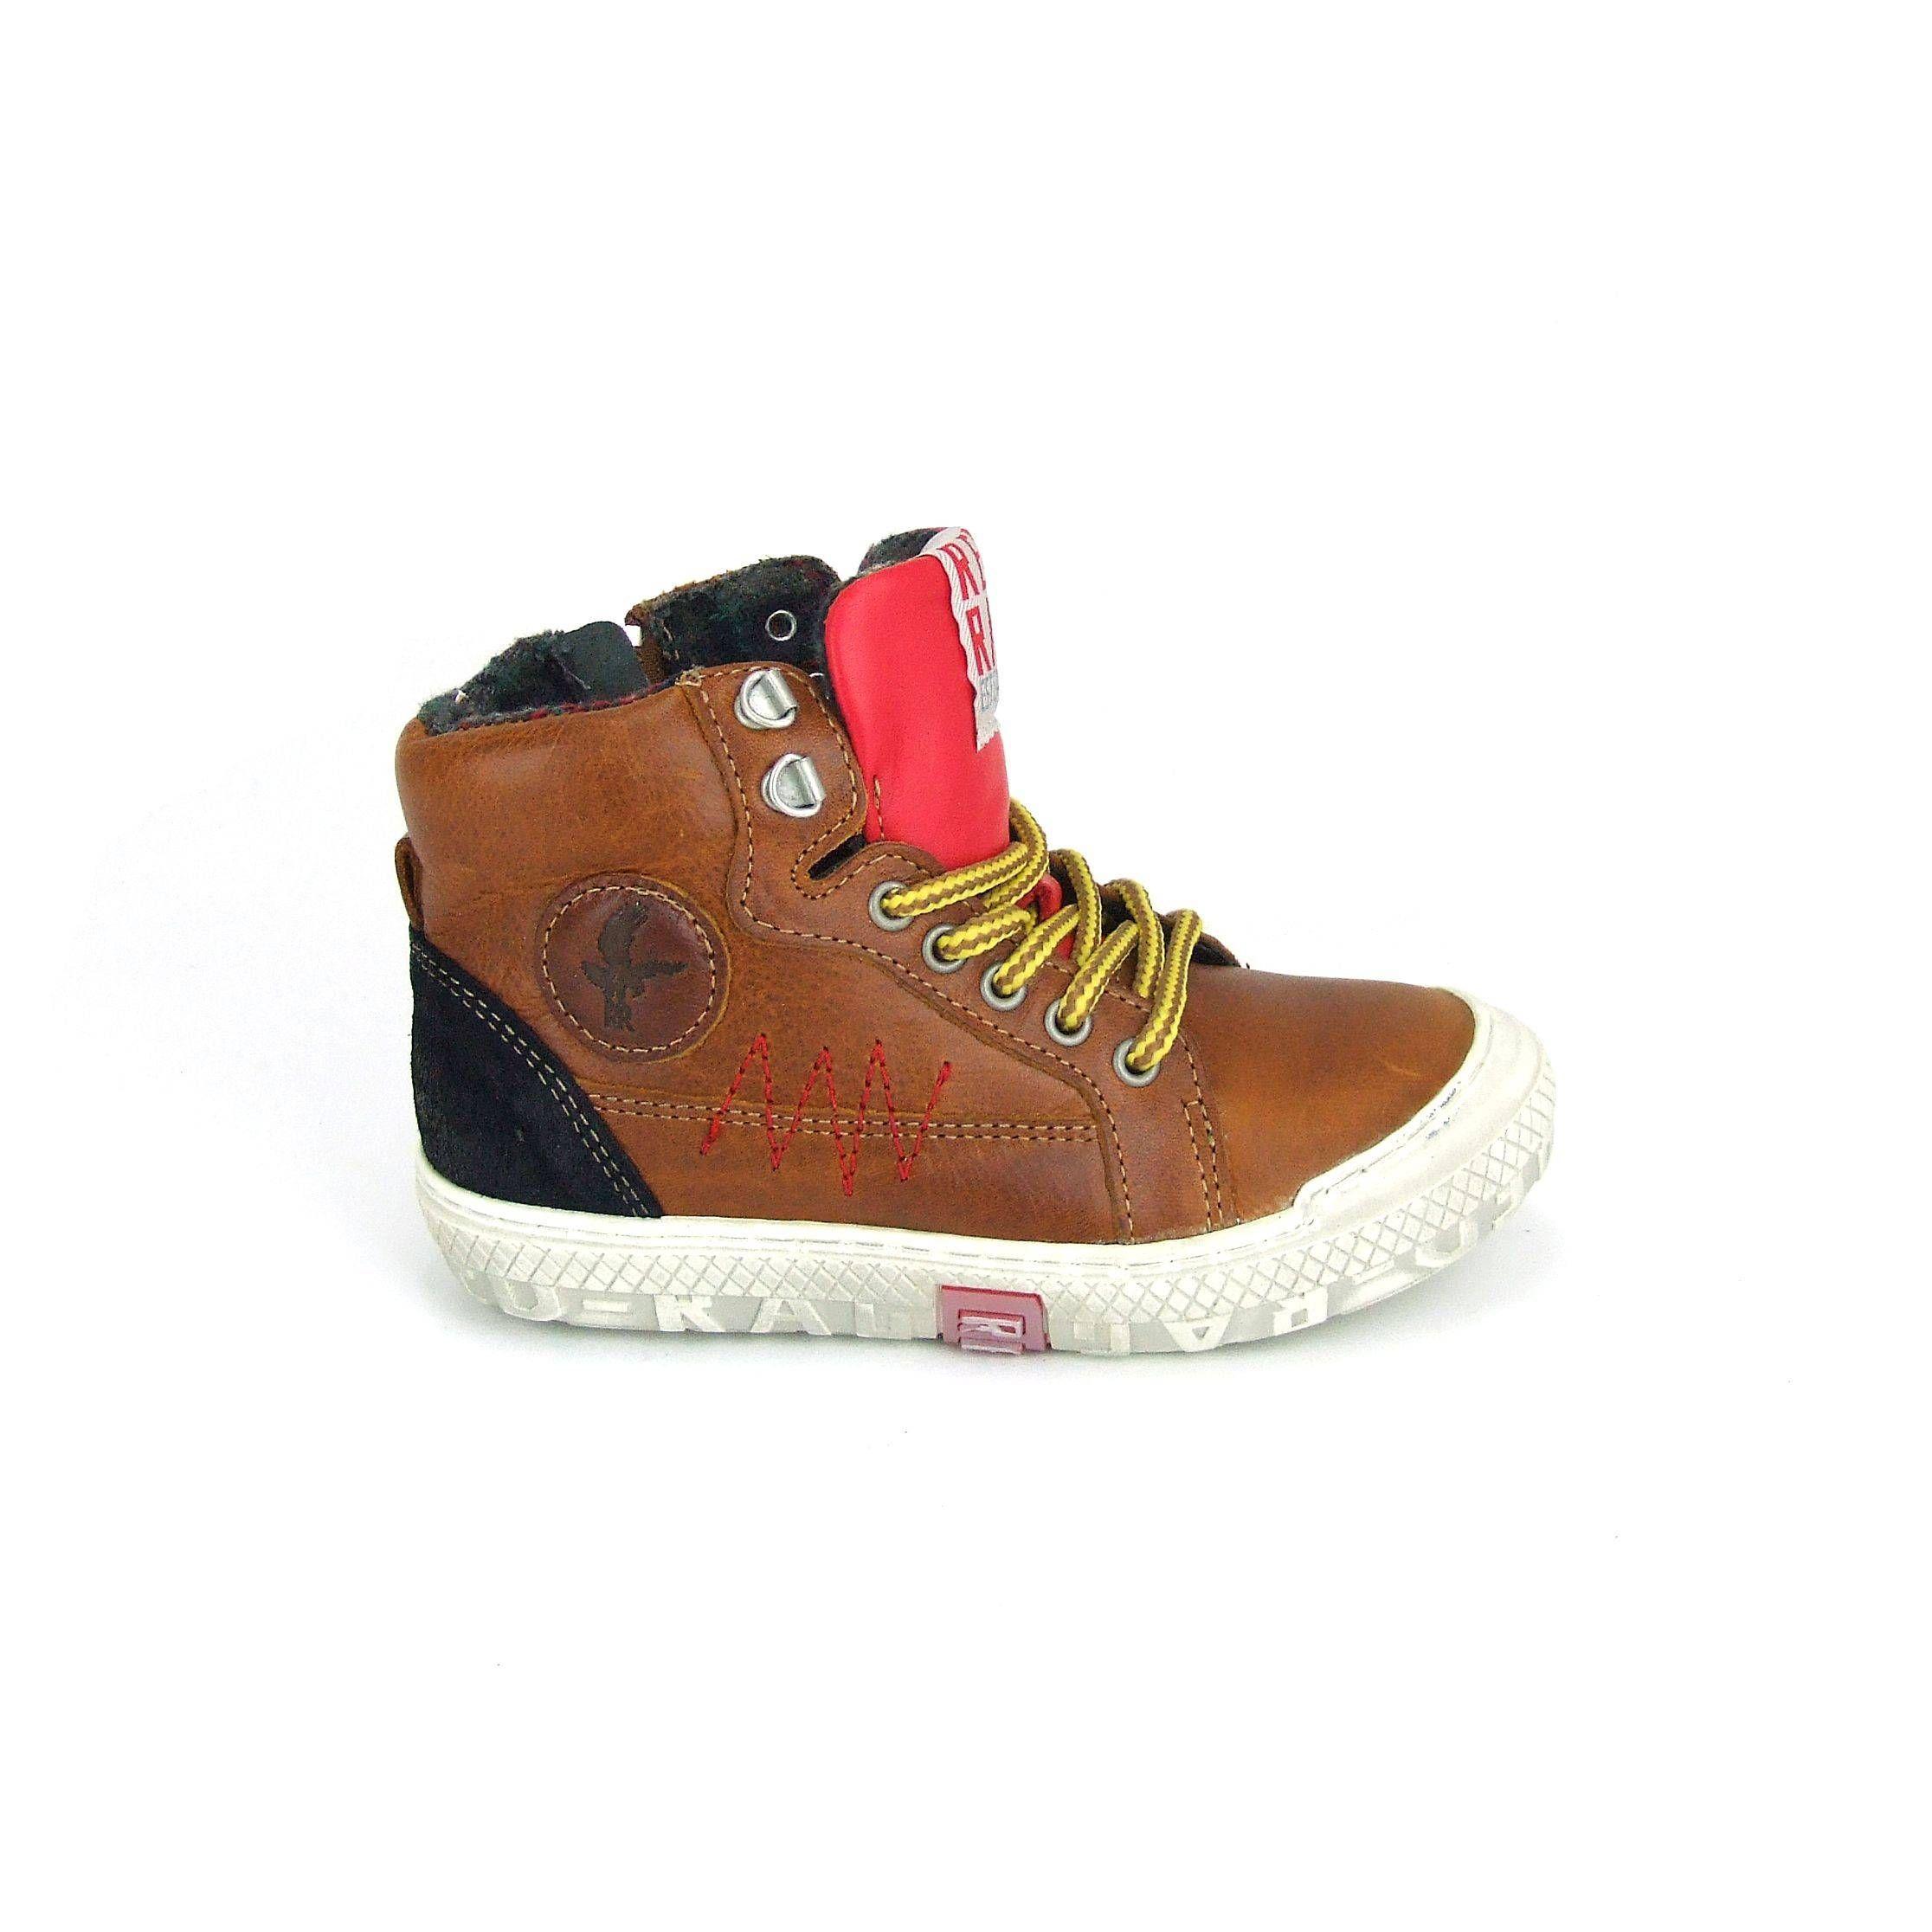 Red Rag Schoenen Online Kopen Red Rag Schoenen Shoehoo Nl Schoenen Jongens Laarzen